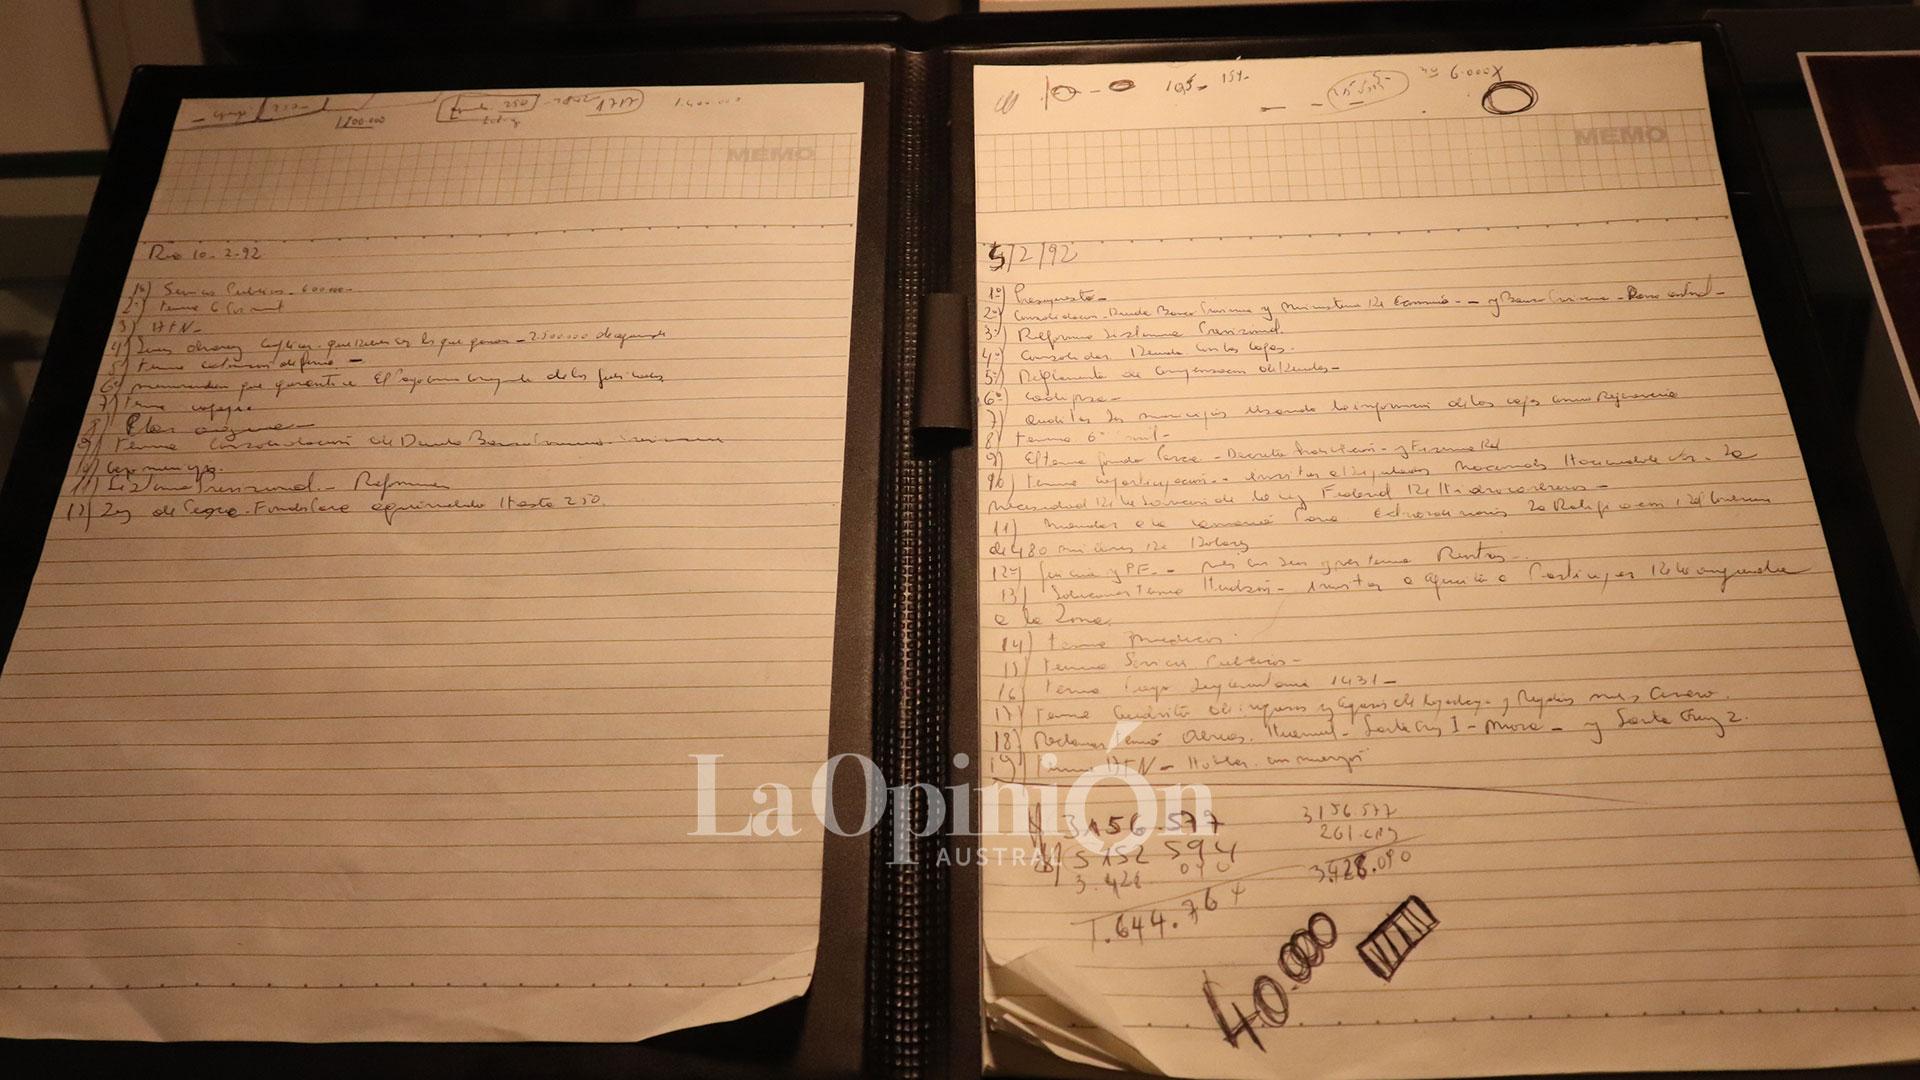 'Estos son los verdaderos cuadernos, no como los de Centeno', dijo Rudy Ulloa. Año 1991. La agenda diaria de Kirchner. Los números del presupuesto, reuniones y asuntos pendientes. FOTO: JOSÉ SILVA / LA OPINIÓN AUSTRAL.